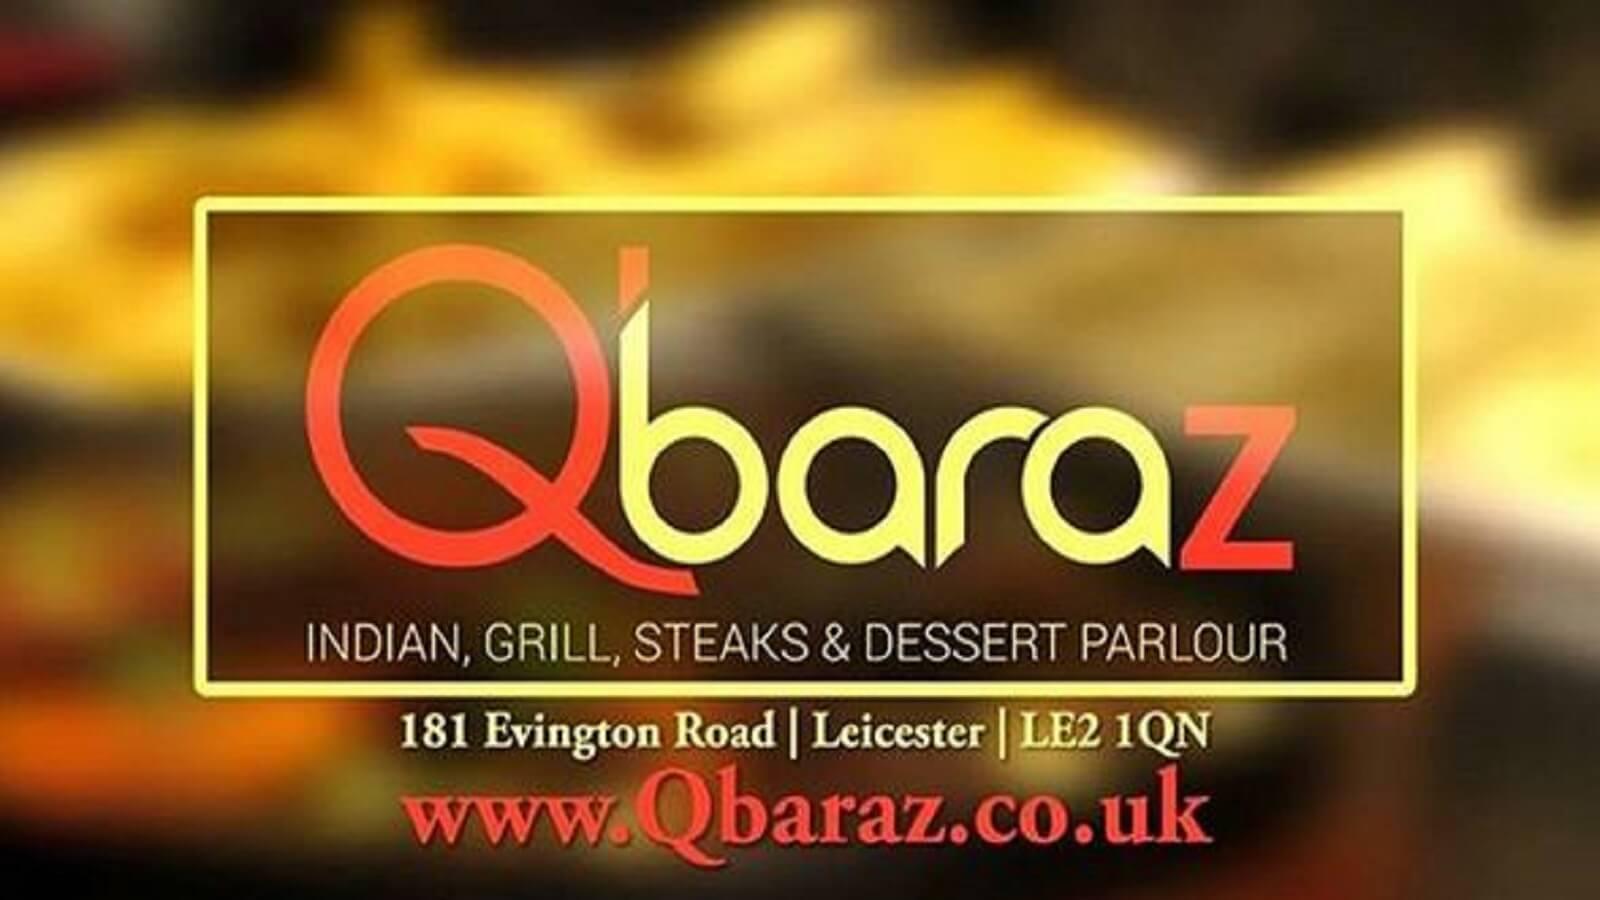 Qbaraz